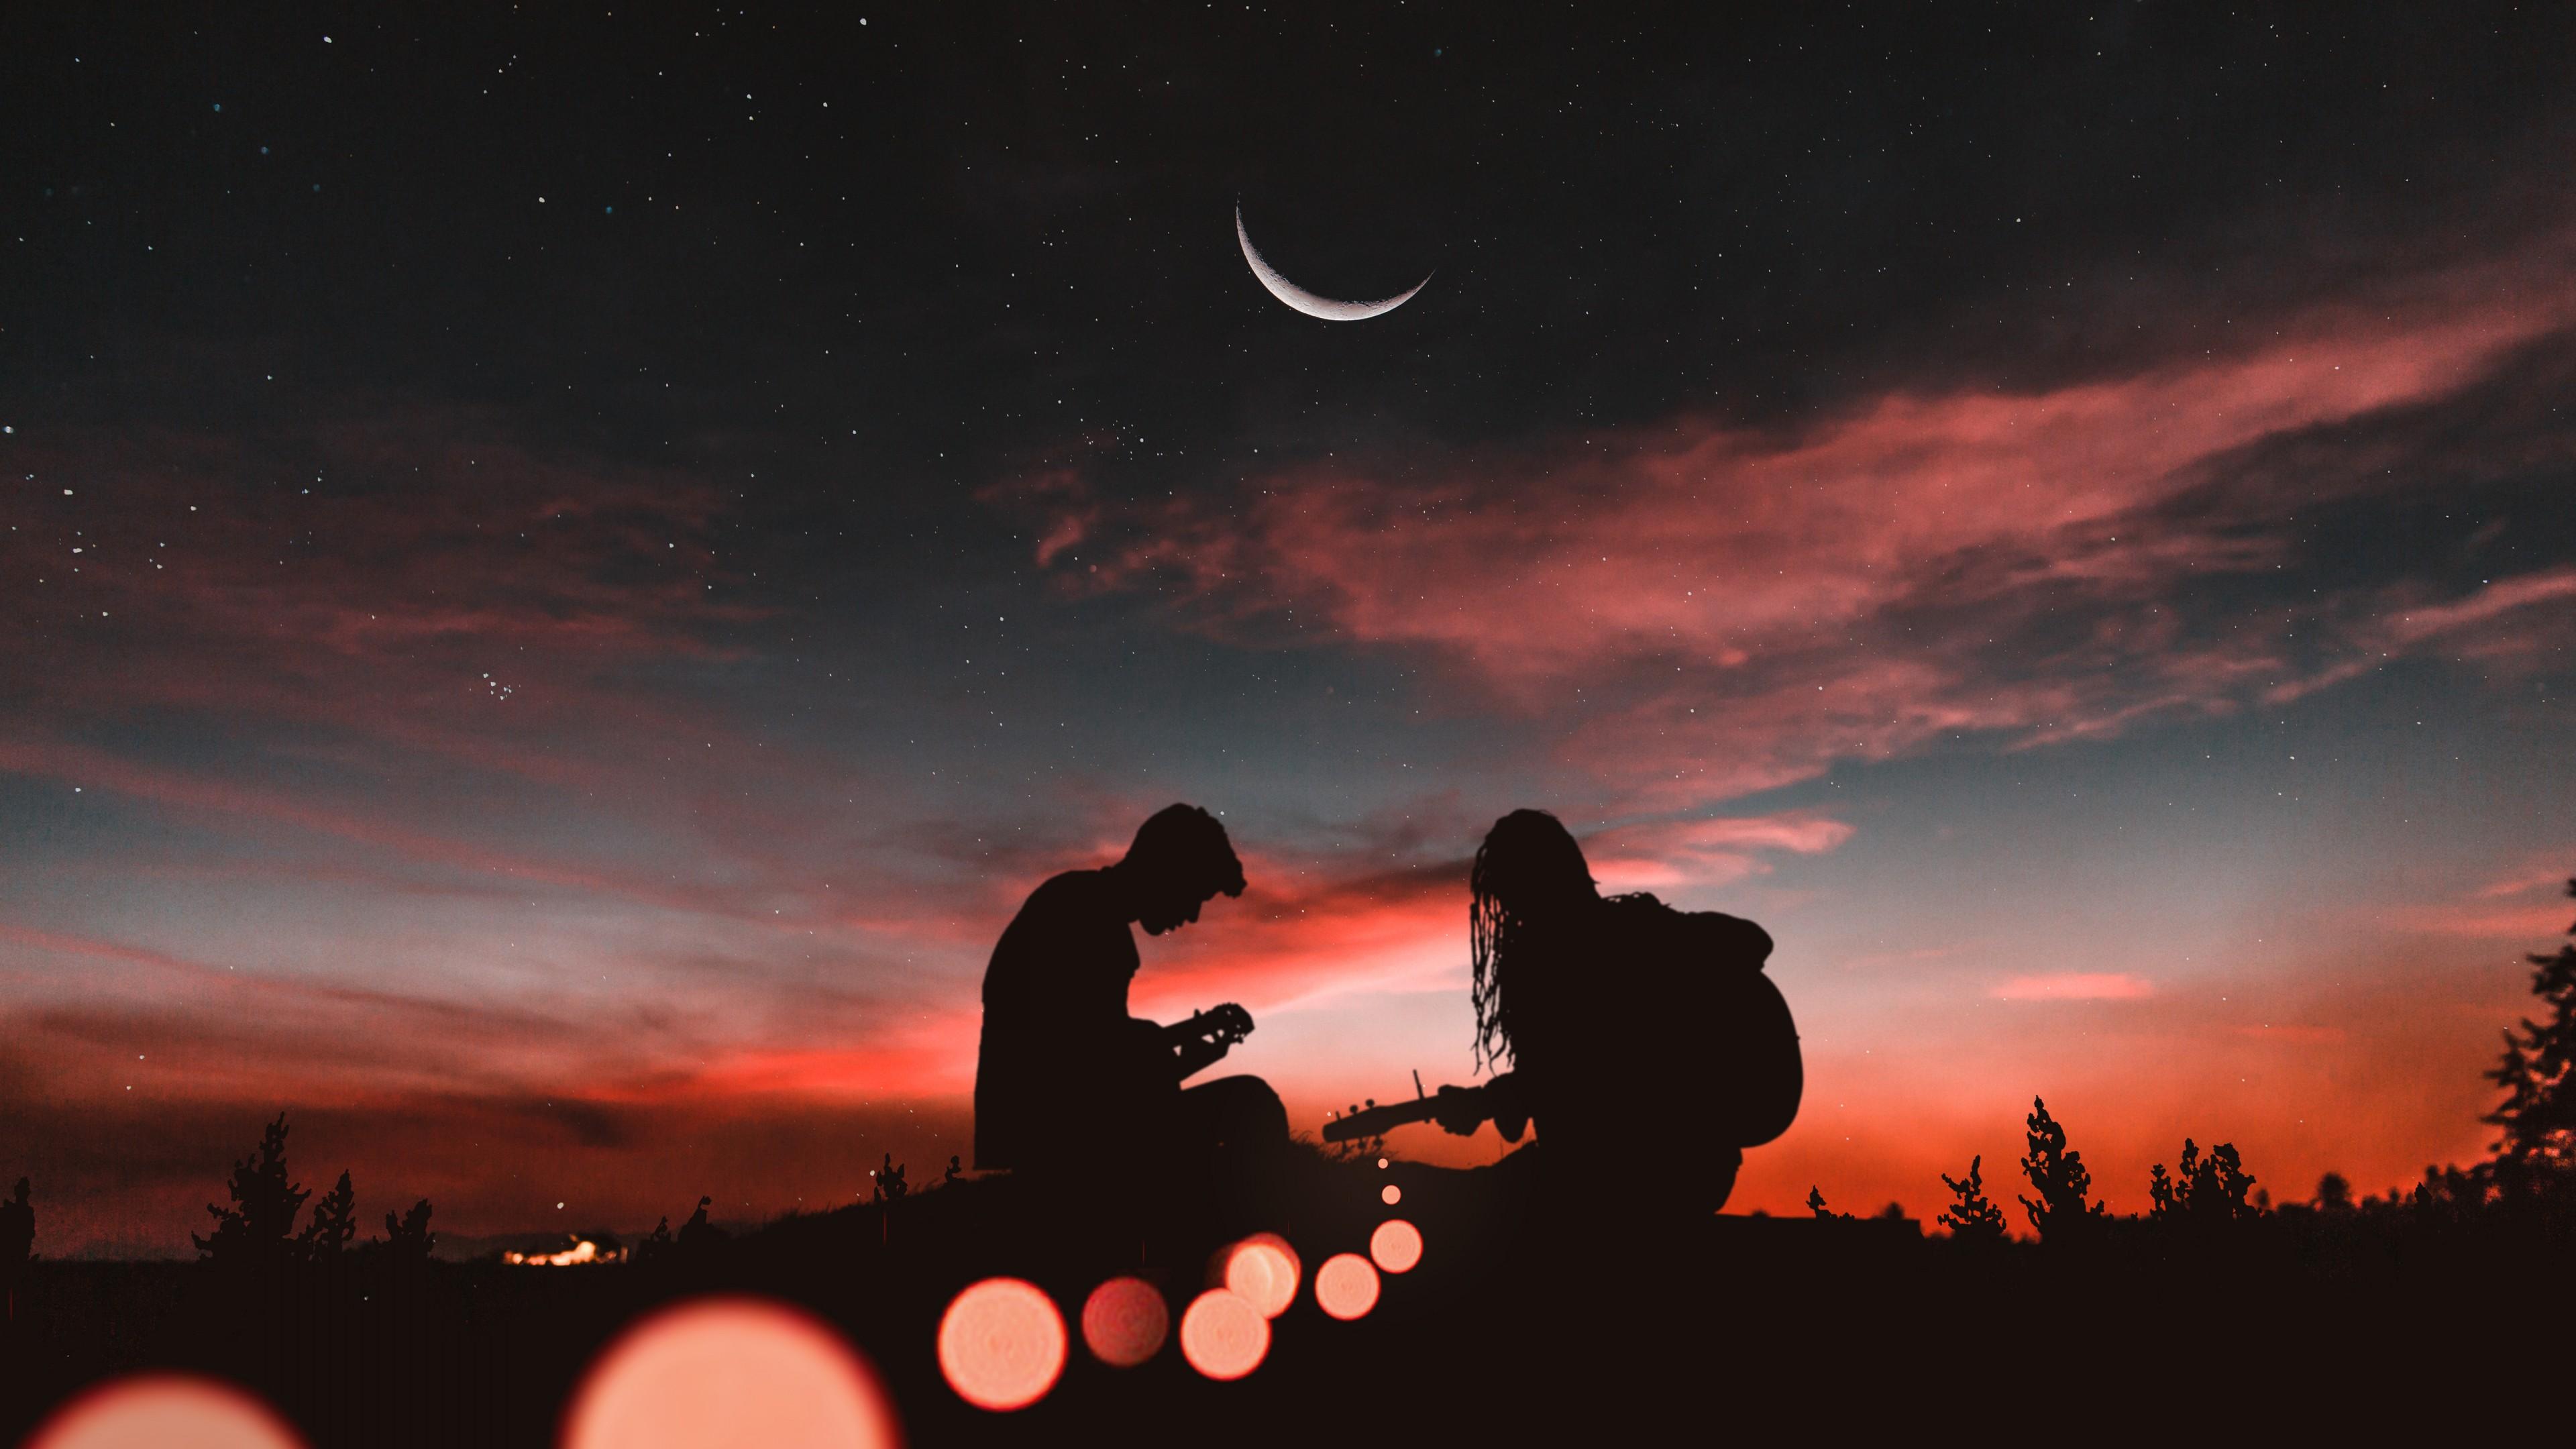 Двое у костра с гитарами в отблесках красно-розовых облаков,звезд,полумесяца